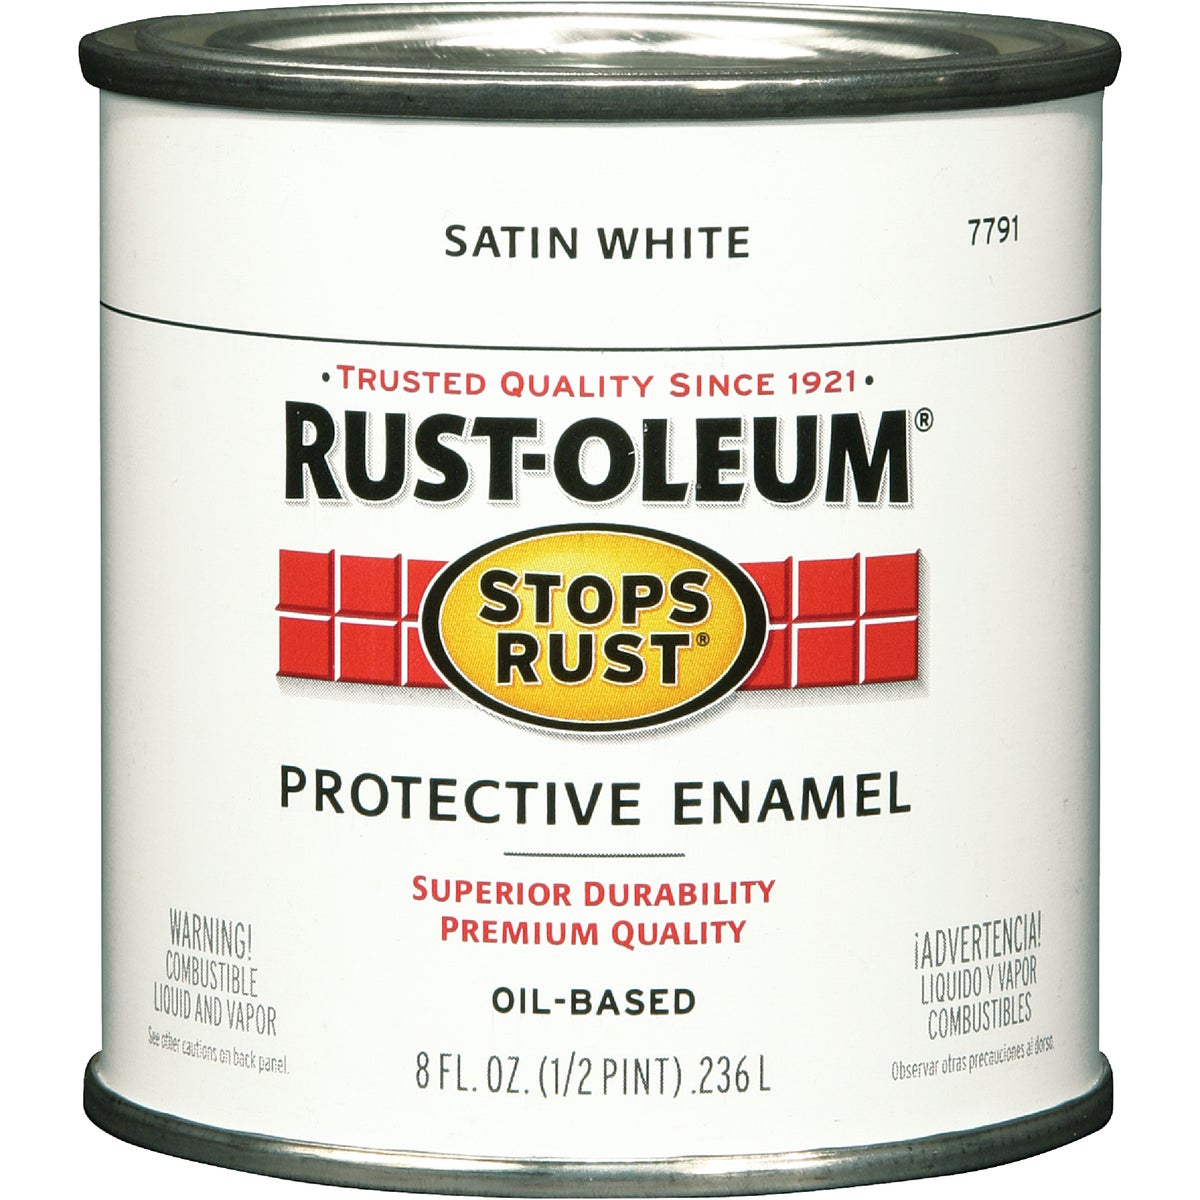 SATIN WHITE ENAMEL